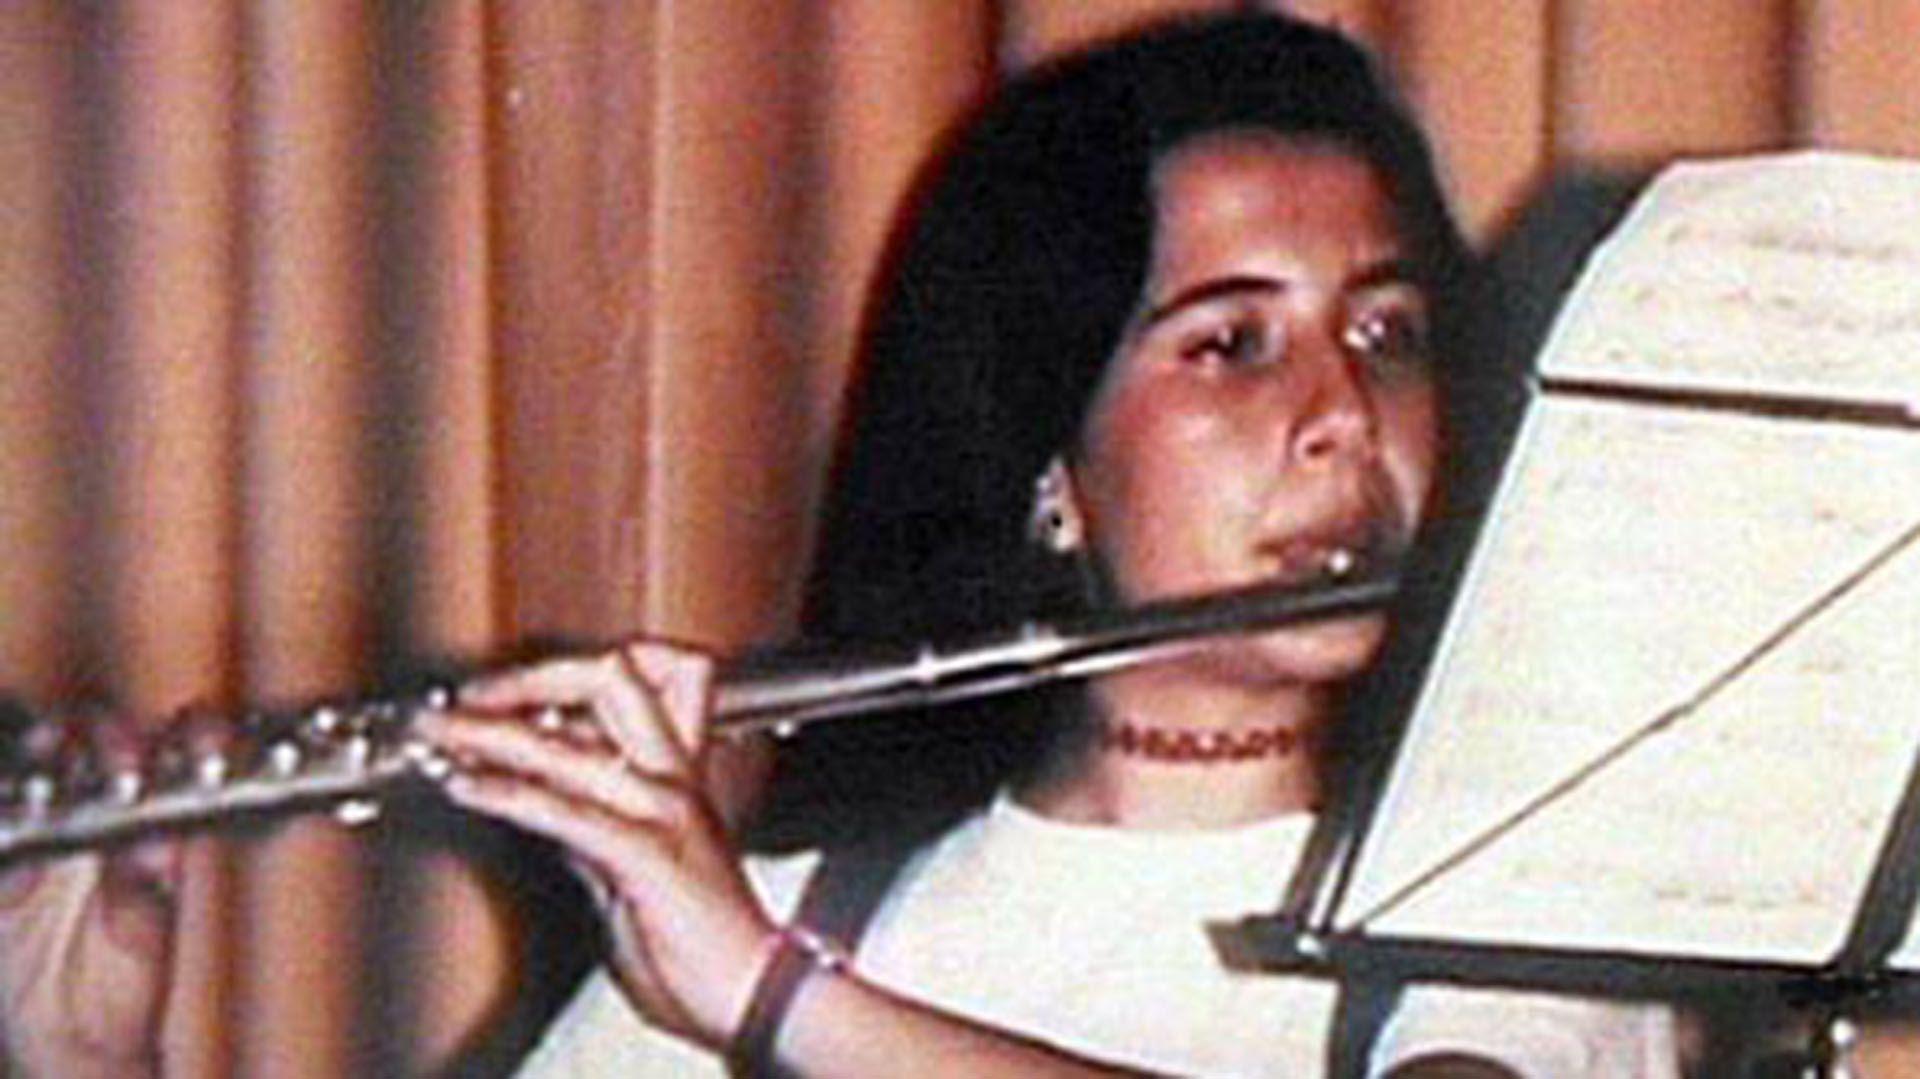 Emanuela Orlandi durante un concierto de flauta